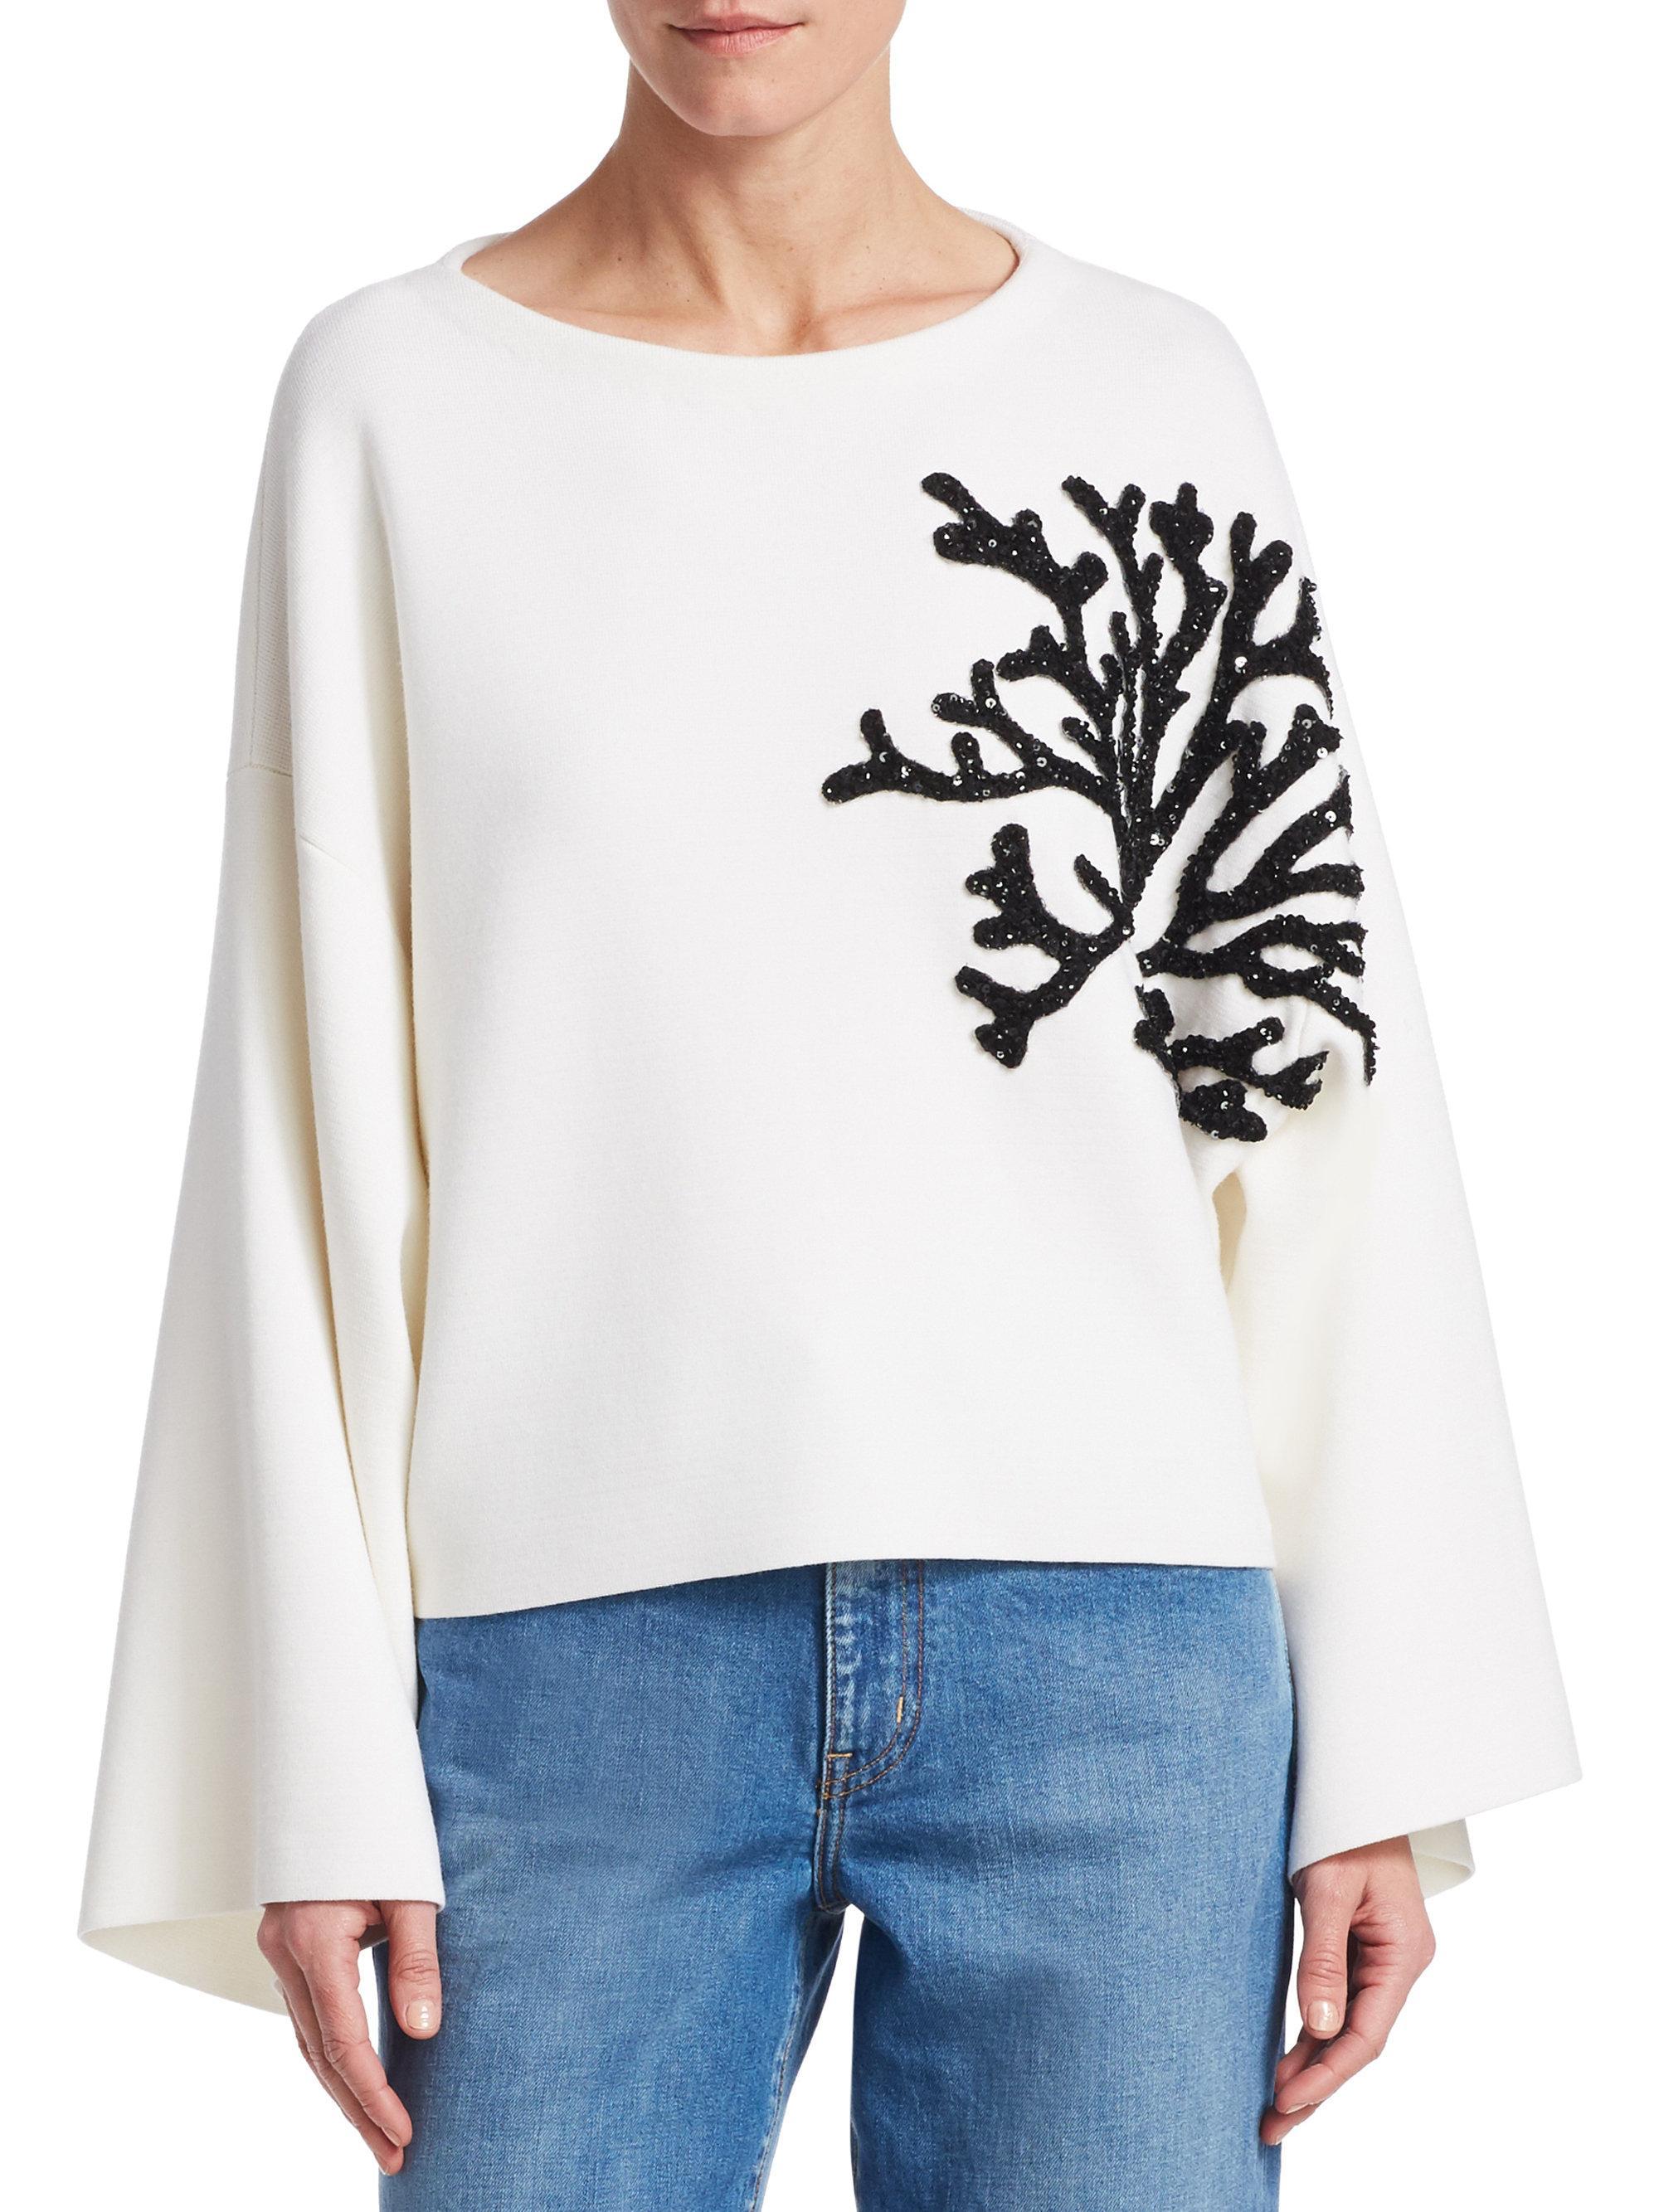 Women's Sweater De Oscar White Renta Embroidered La gUdnnaxYqt